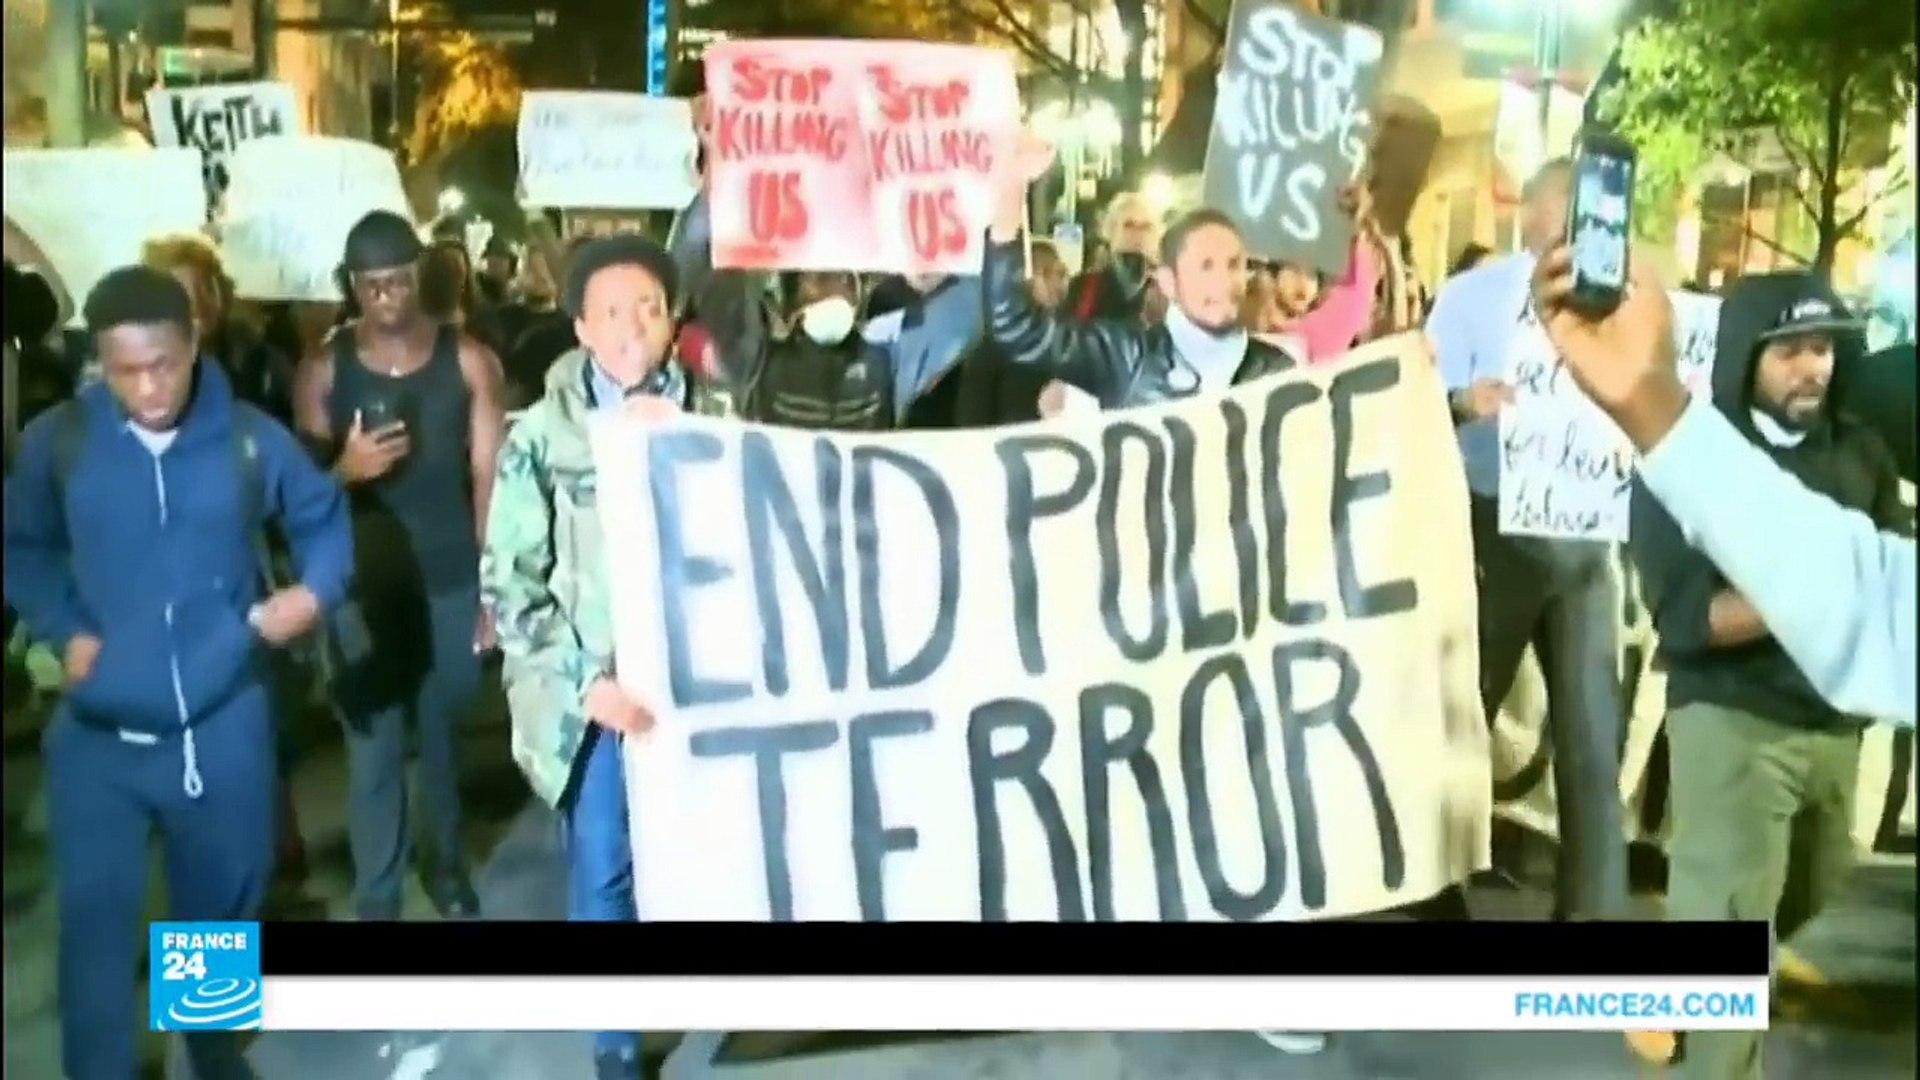 الشرطة الأمريكية ترفض نشر الفيديو الذي يظهر مقتل رجل أسود في مدينة شارلوت